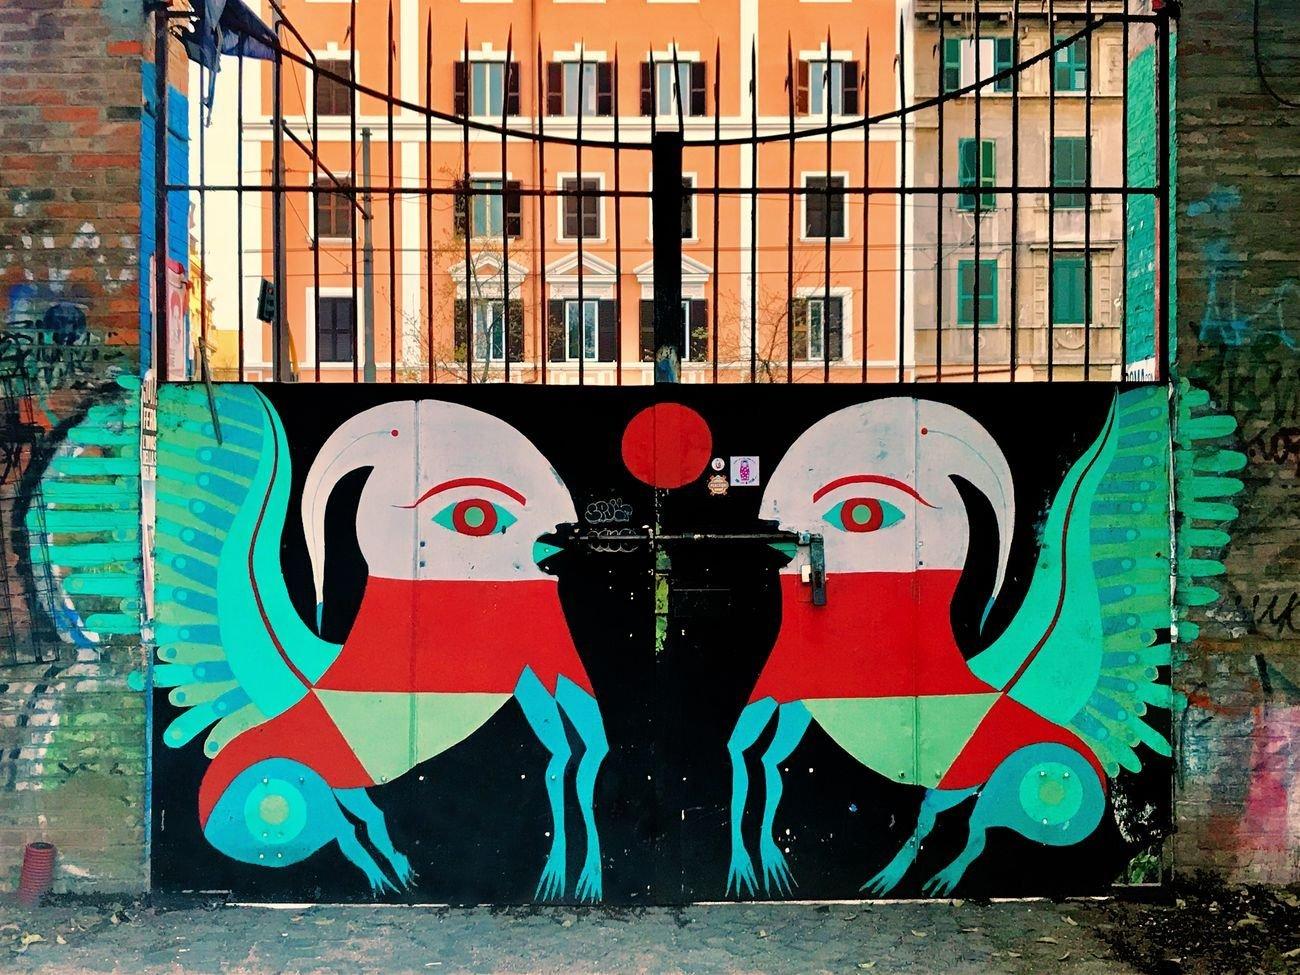 Gio Pistone, L'oracolo del sud, 2013. Roma, CSOA Snia. Photo Jessica Stewart